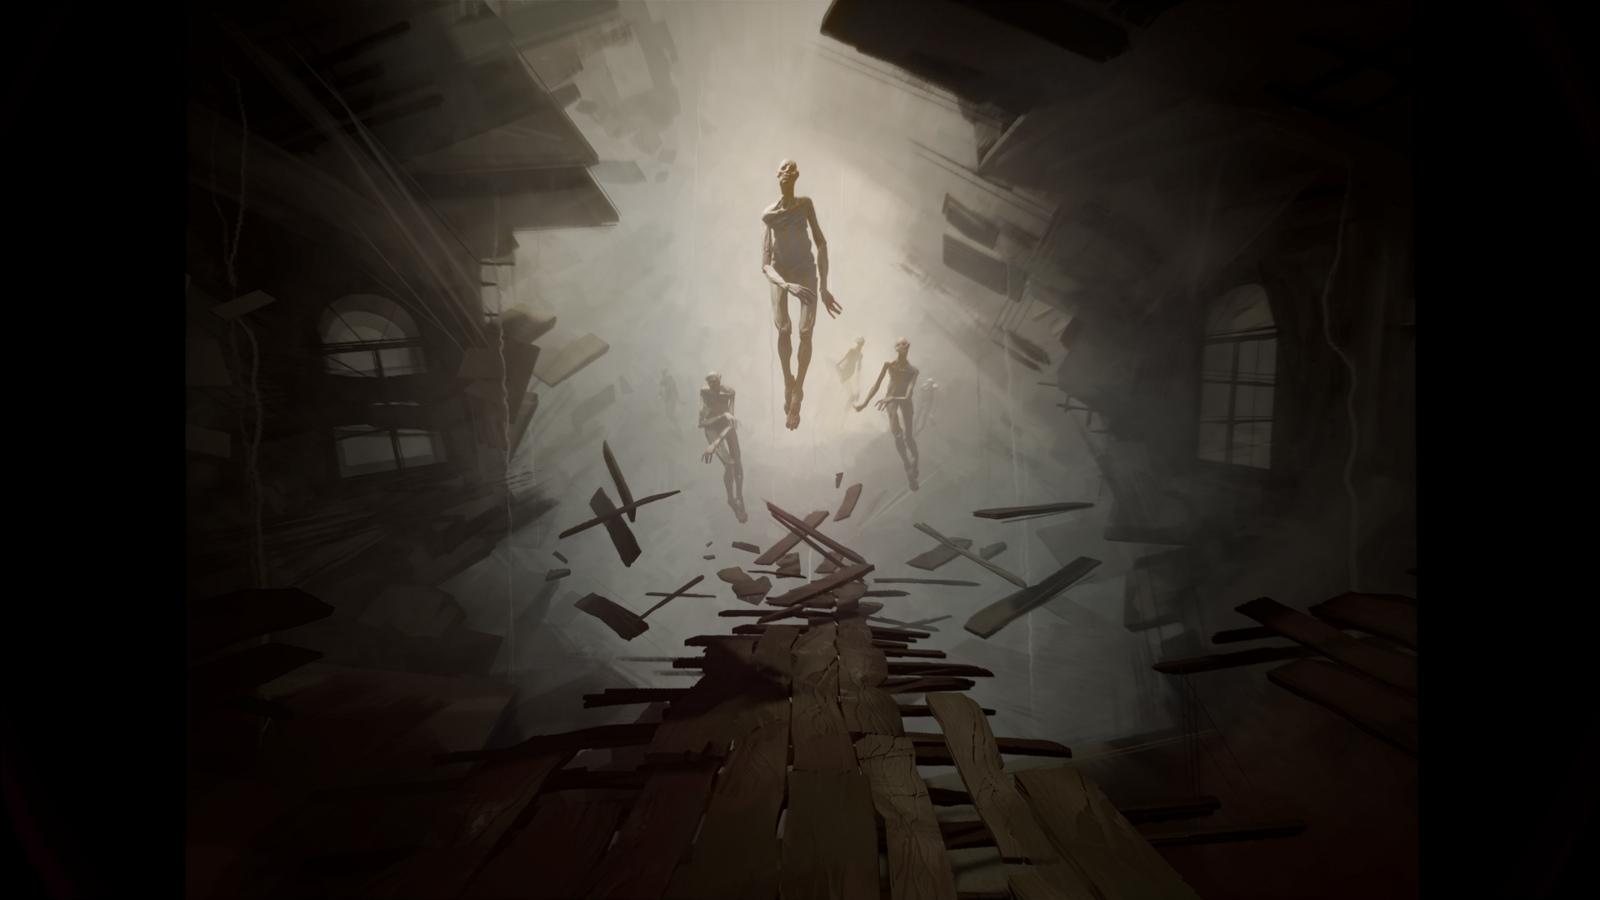 تاریخ عرضه بازی Dreams مشخص شد